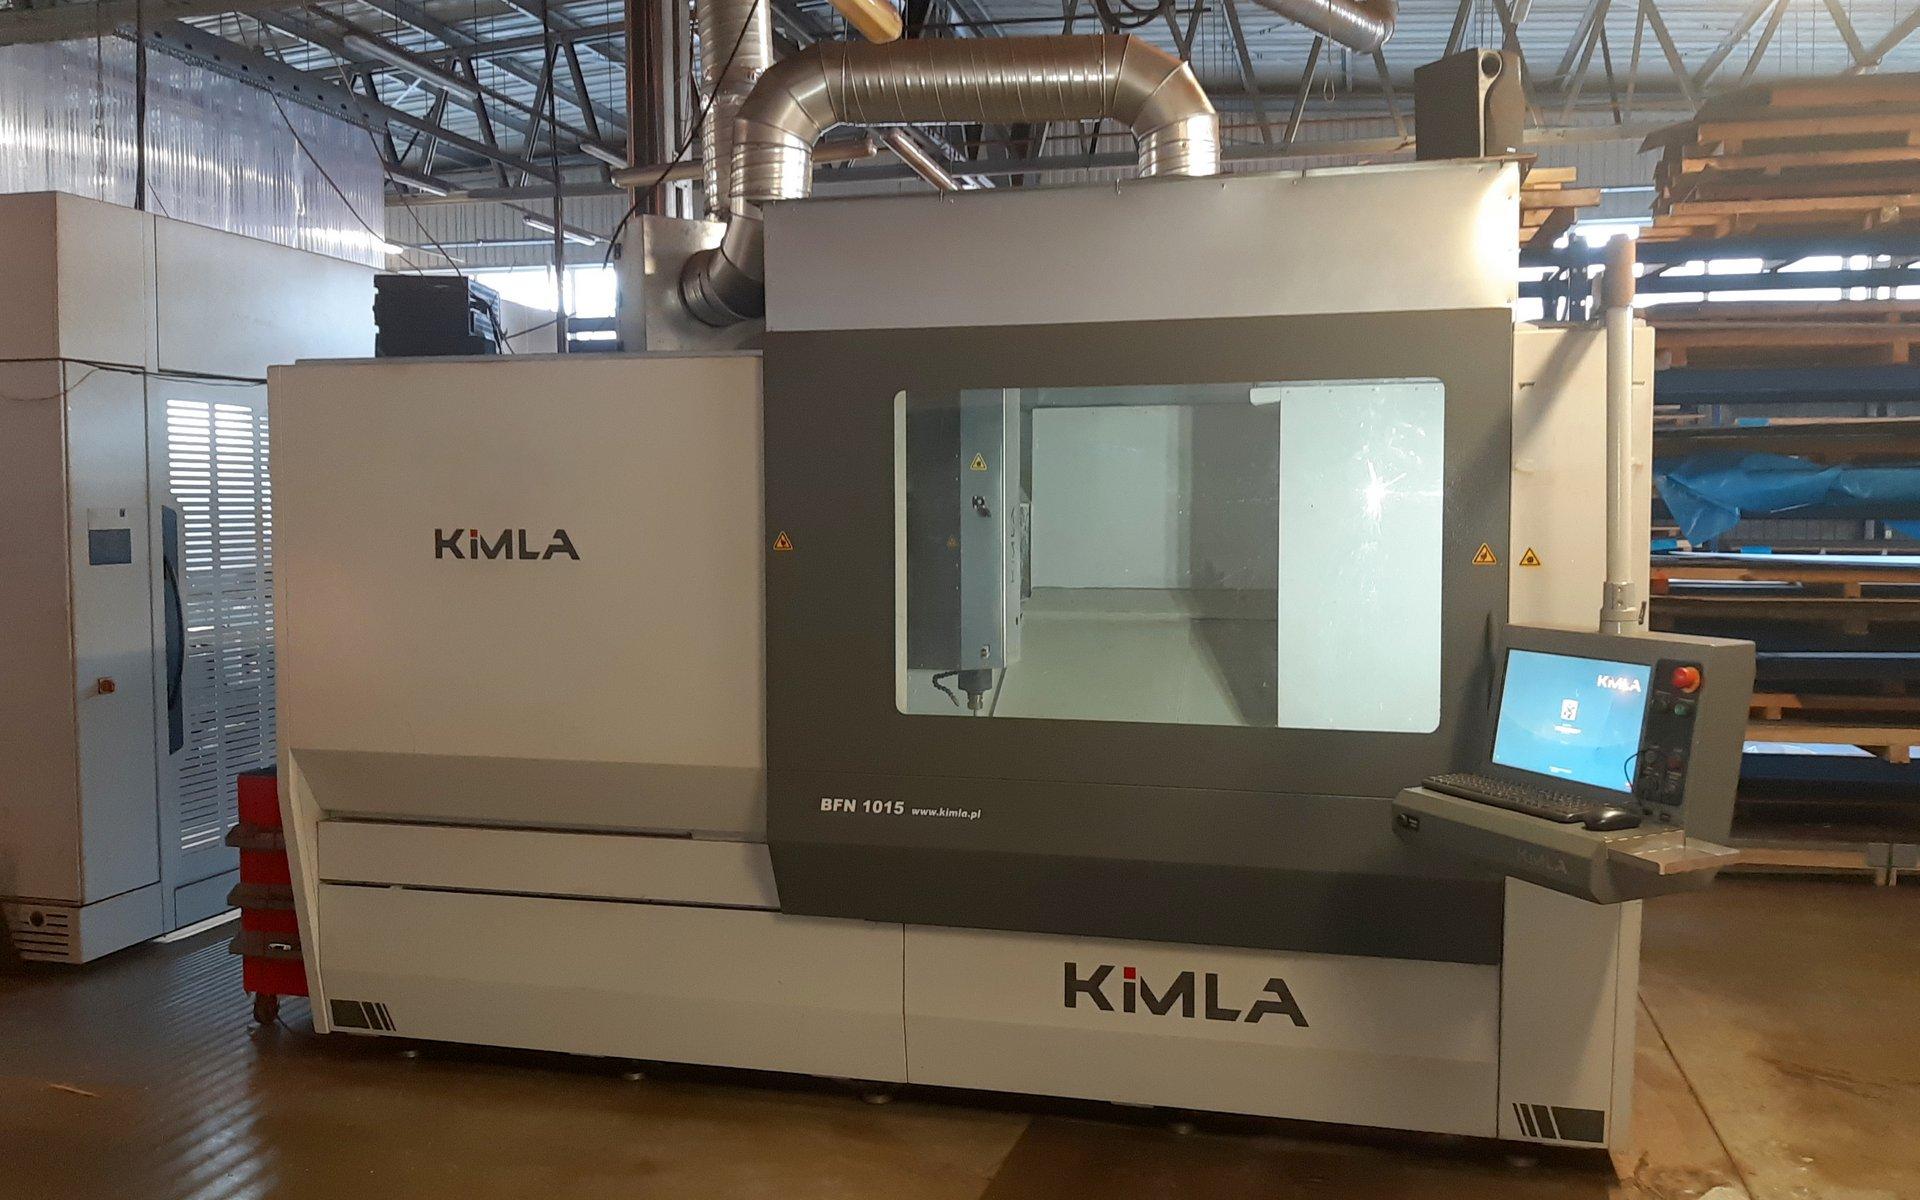 Centro di lavoro CNC KIMLA HSM BFN 1015 Linear in vendita - foto 1